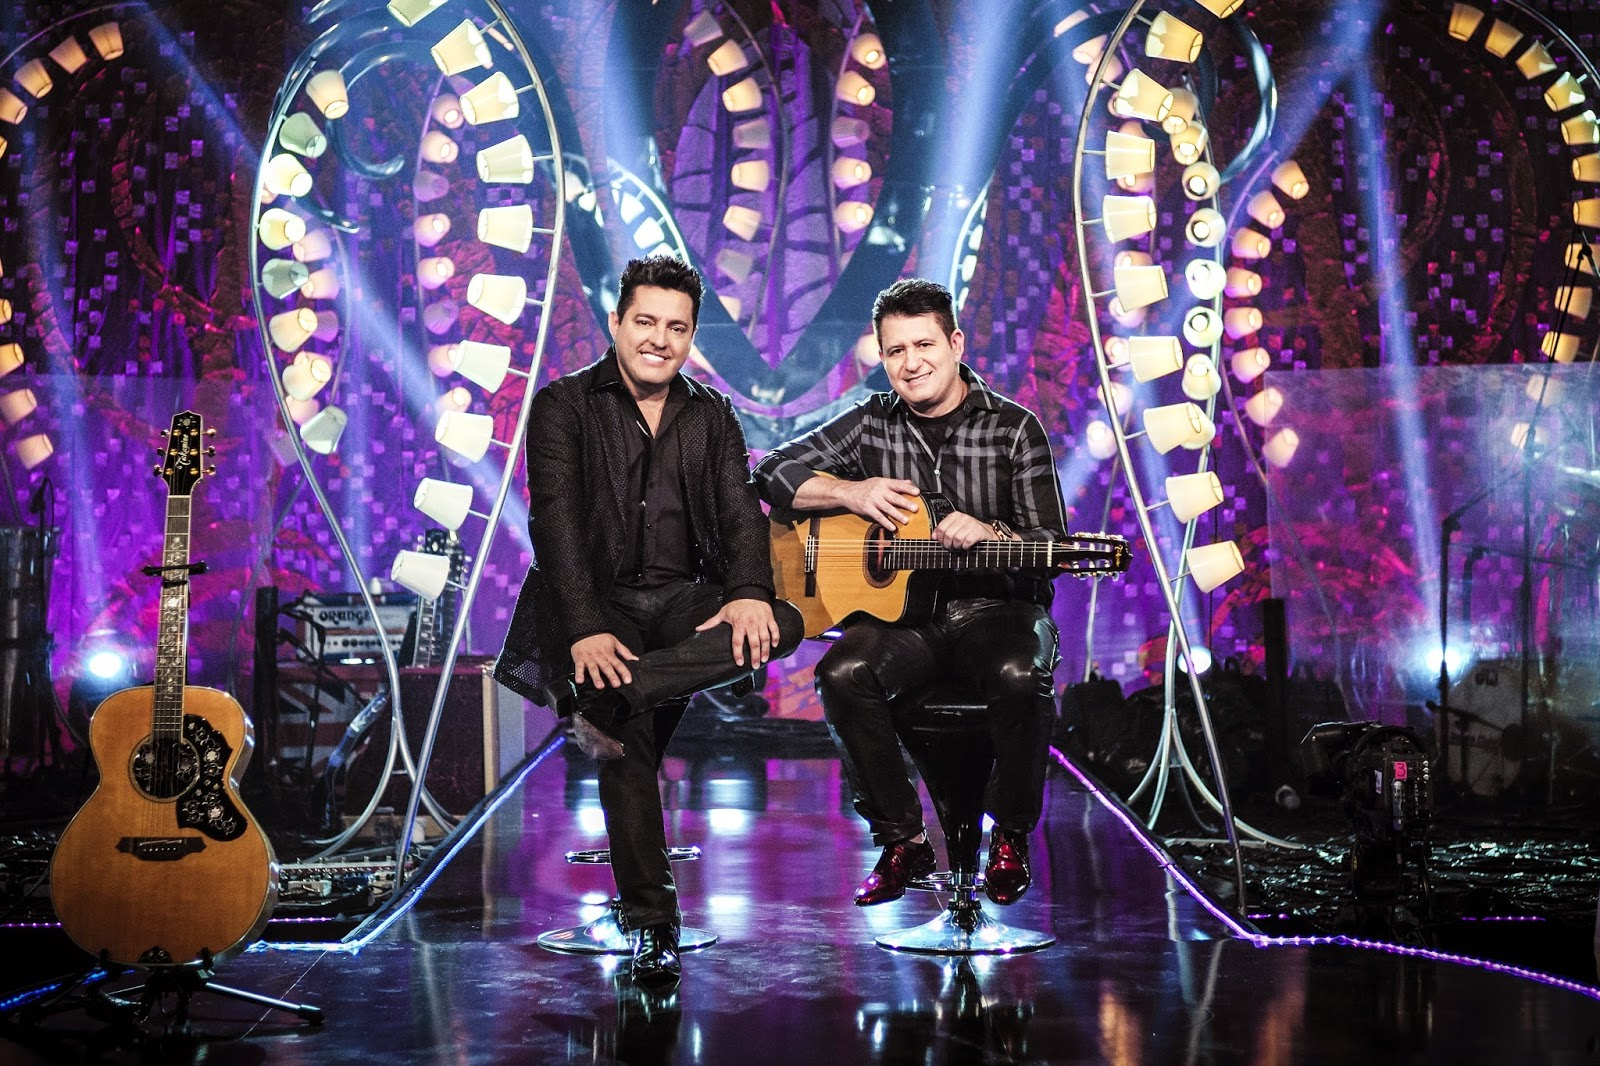 Bruno e Marrrone em show em Brasilia